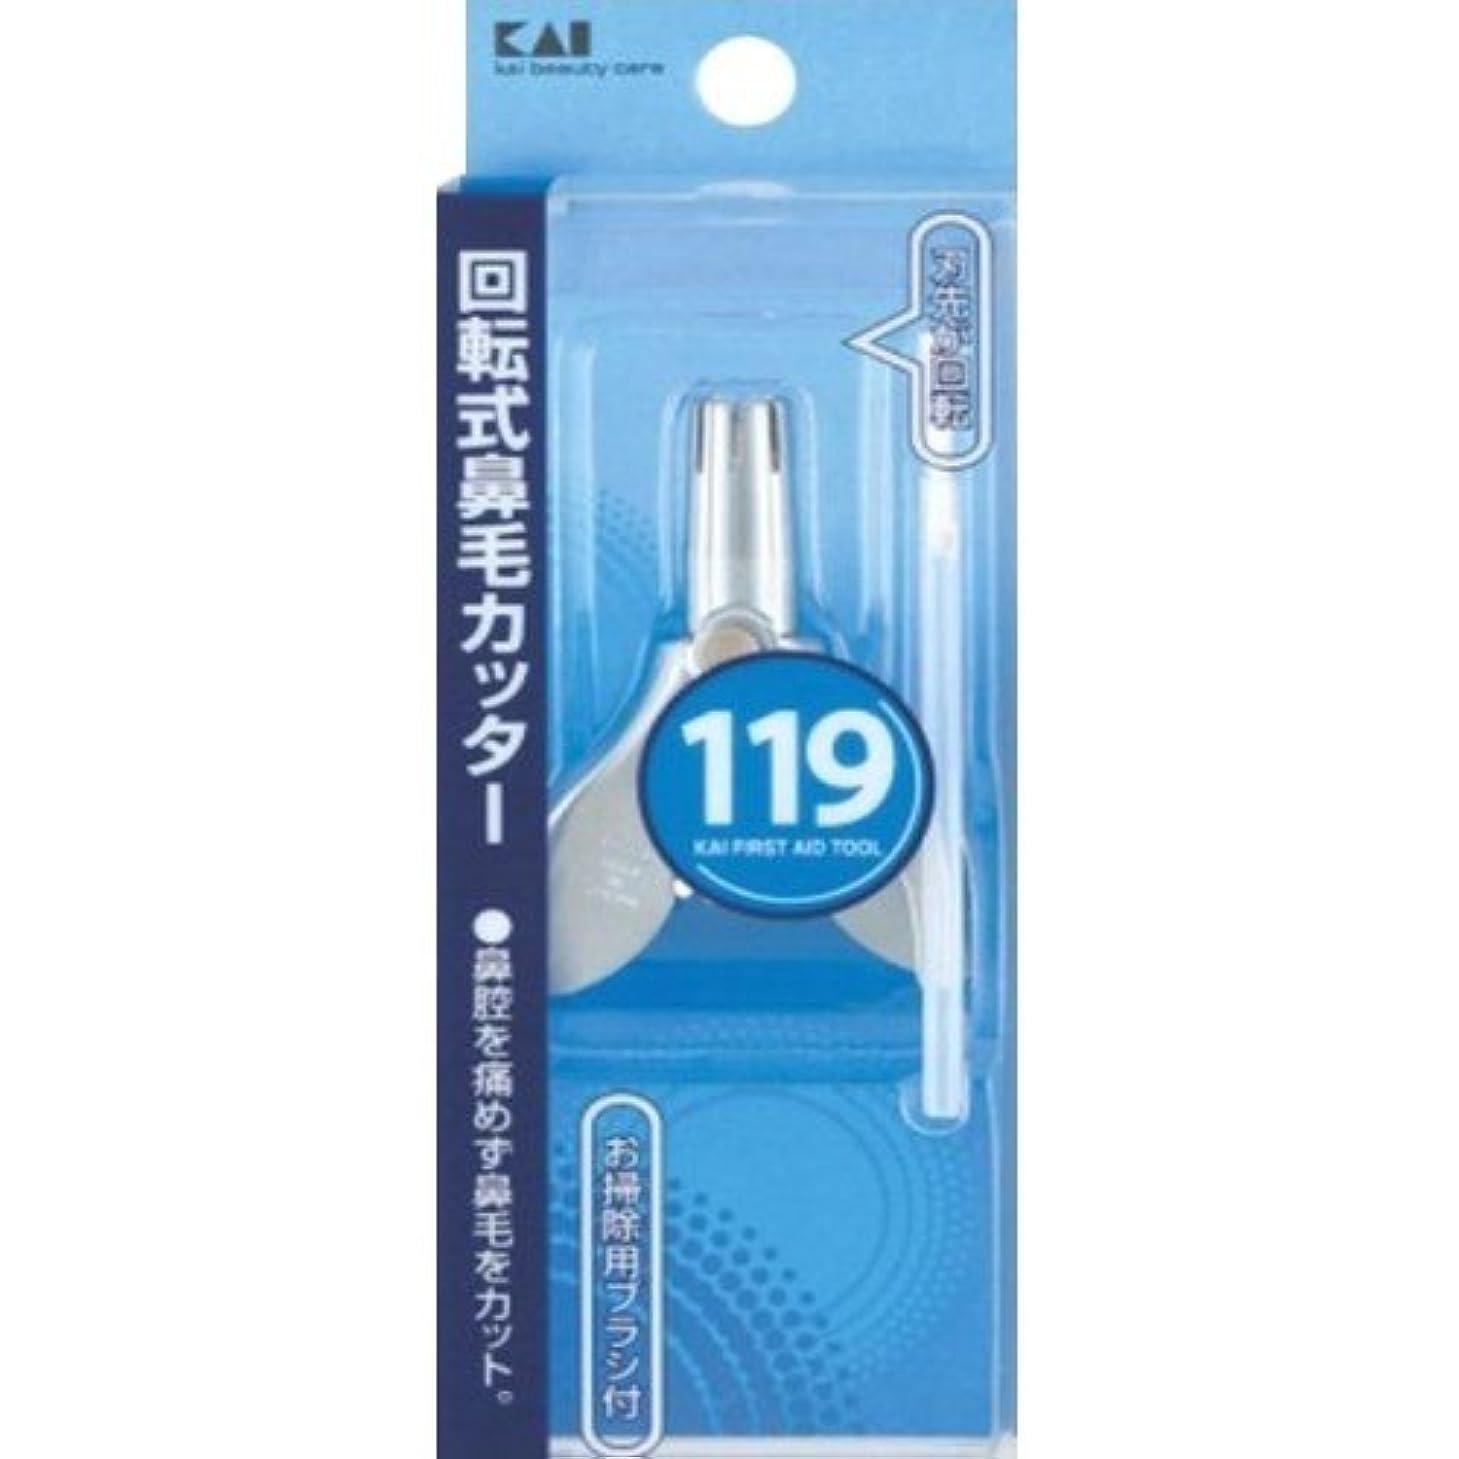 構想するバレル出来事貝印 119 回転式鼻毛カッター KF1038